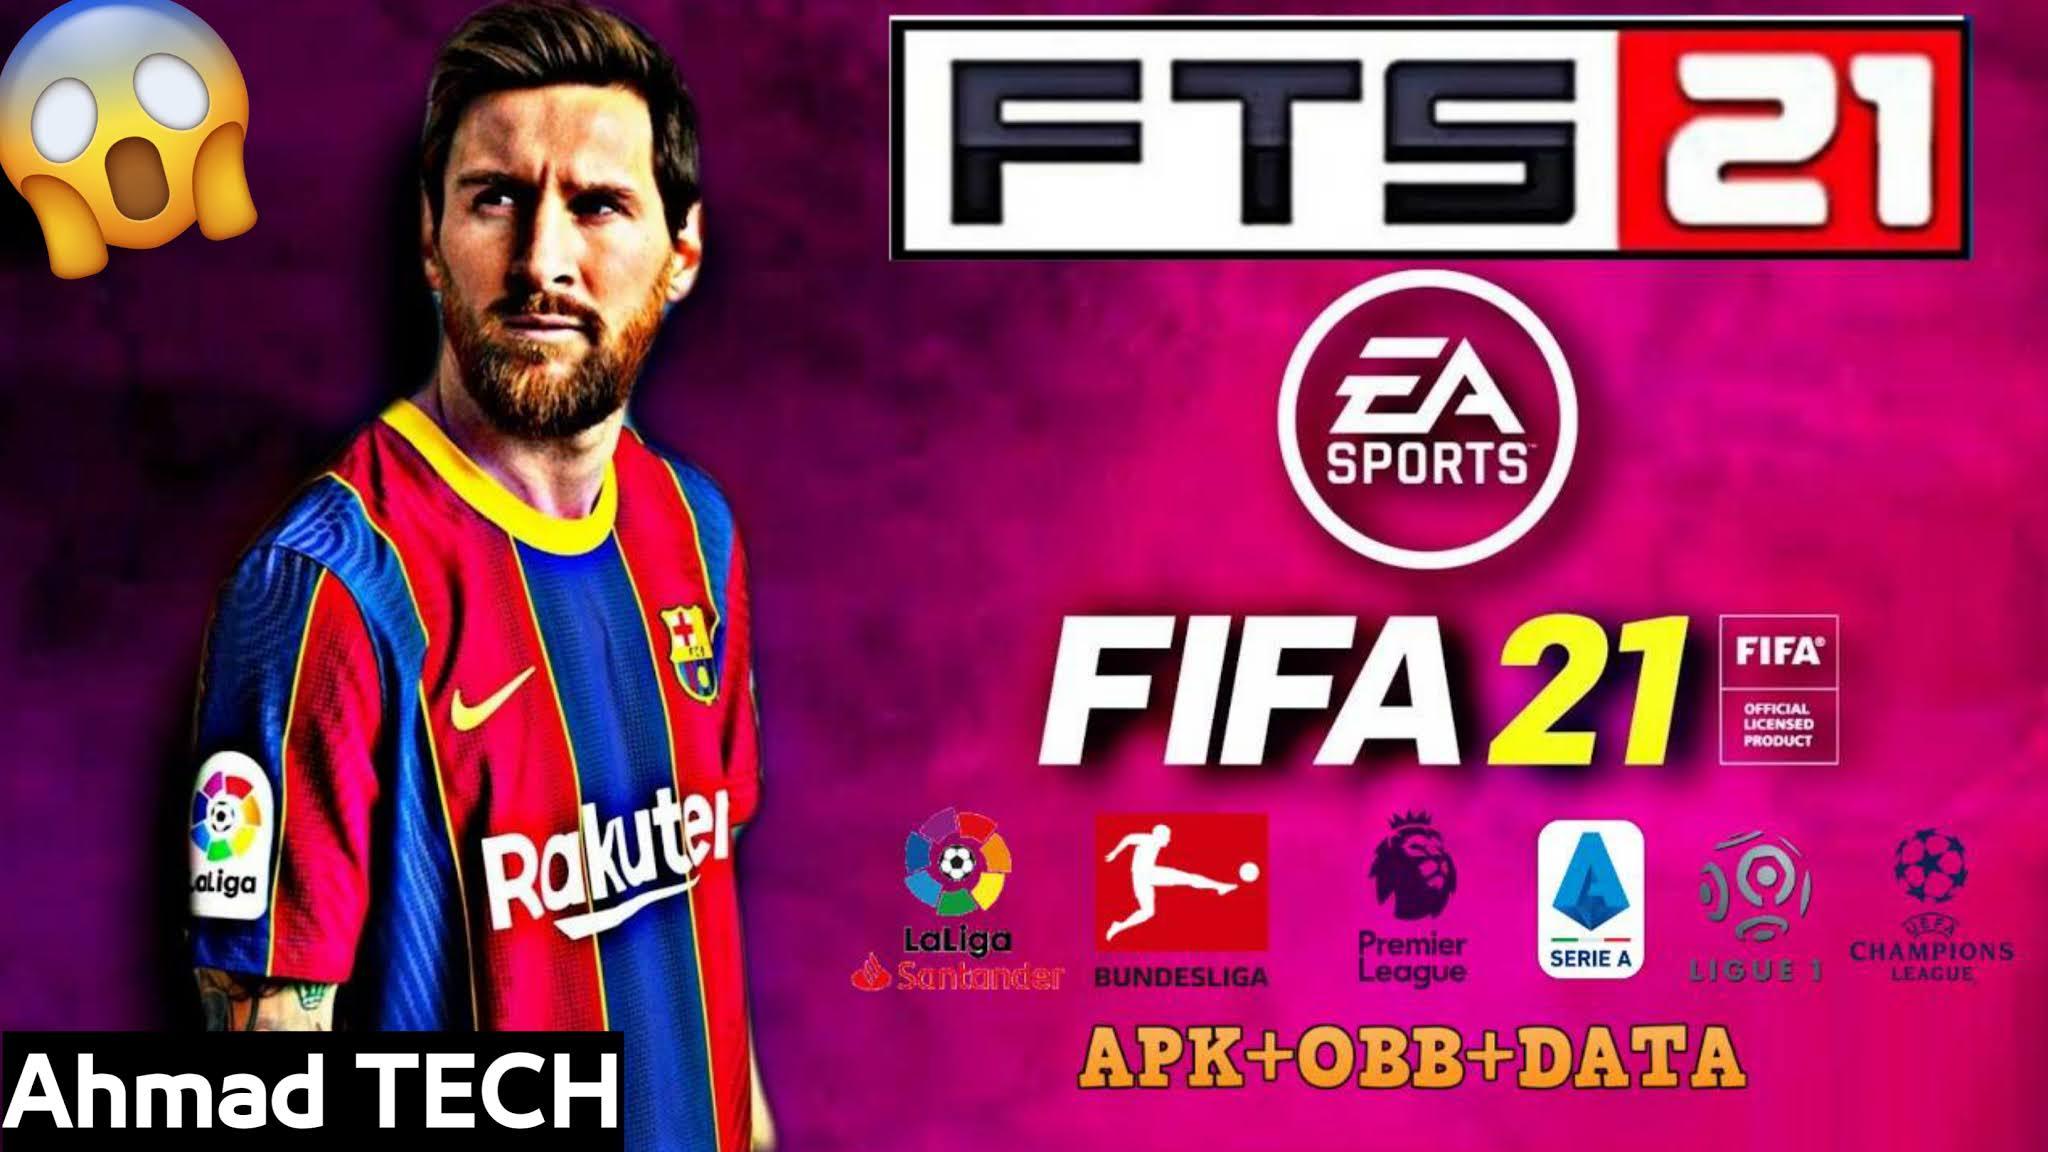 تحميل لعبة FTS 2021 للاندرويد بجرافيك اسطوري مود فيفا 2021